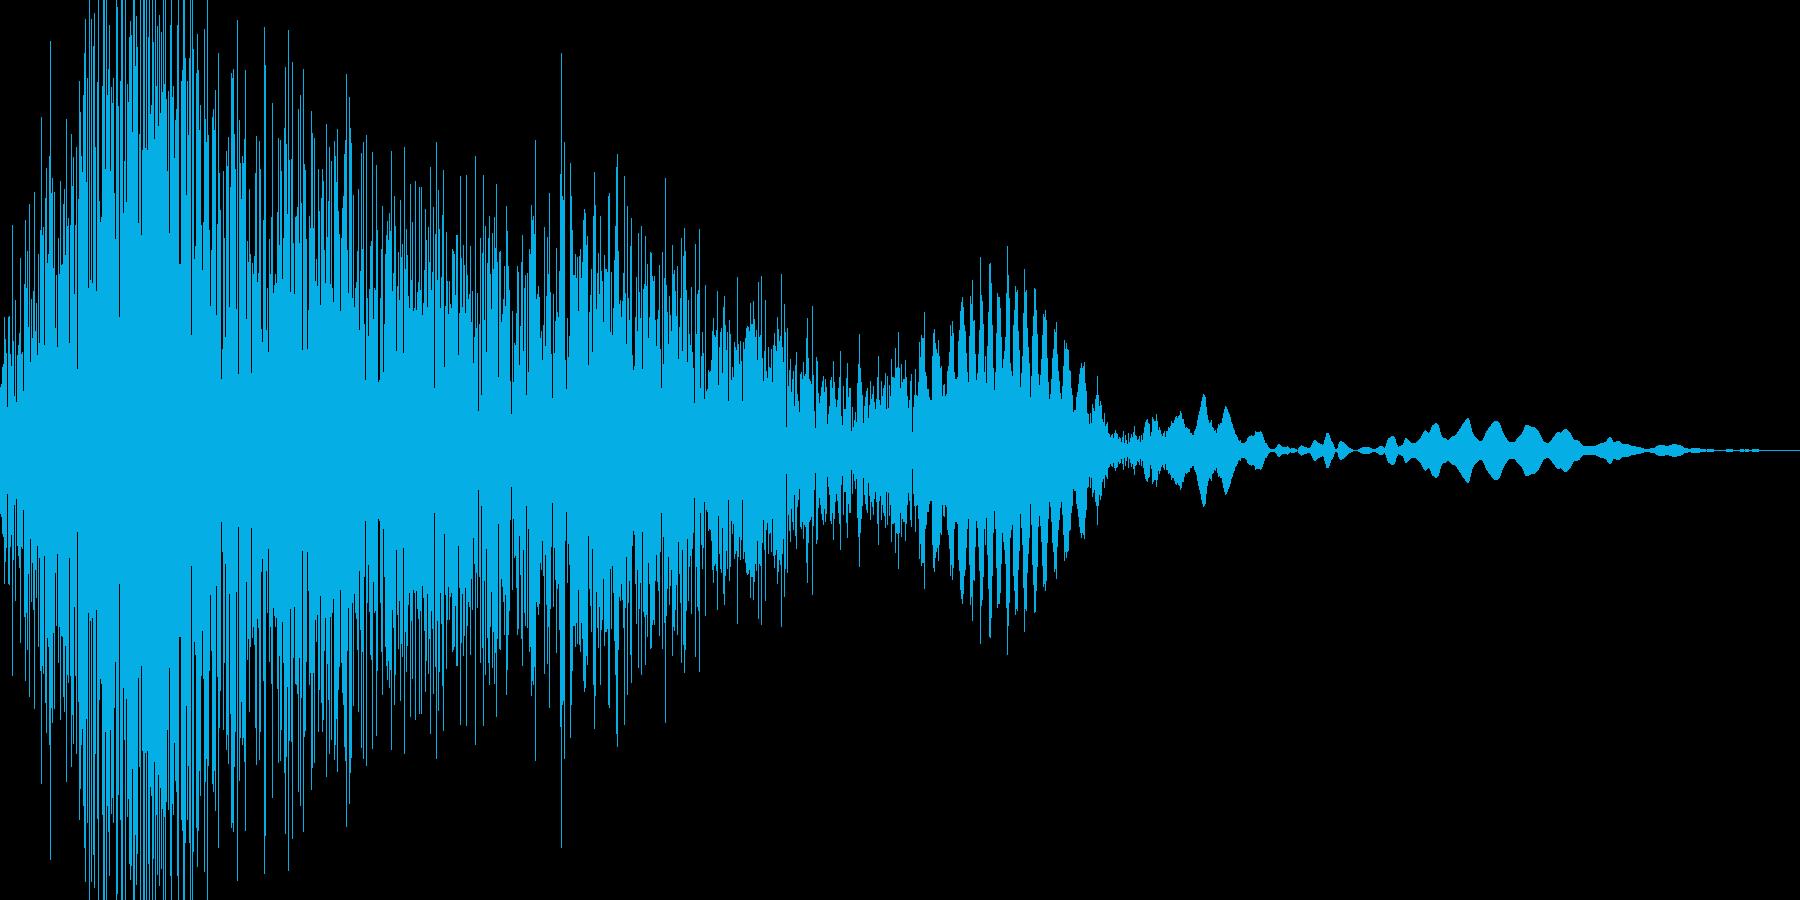 シュバッ!っと切り替わる感じの音ですの再生済みの波形